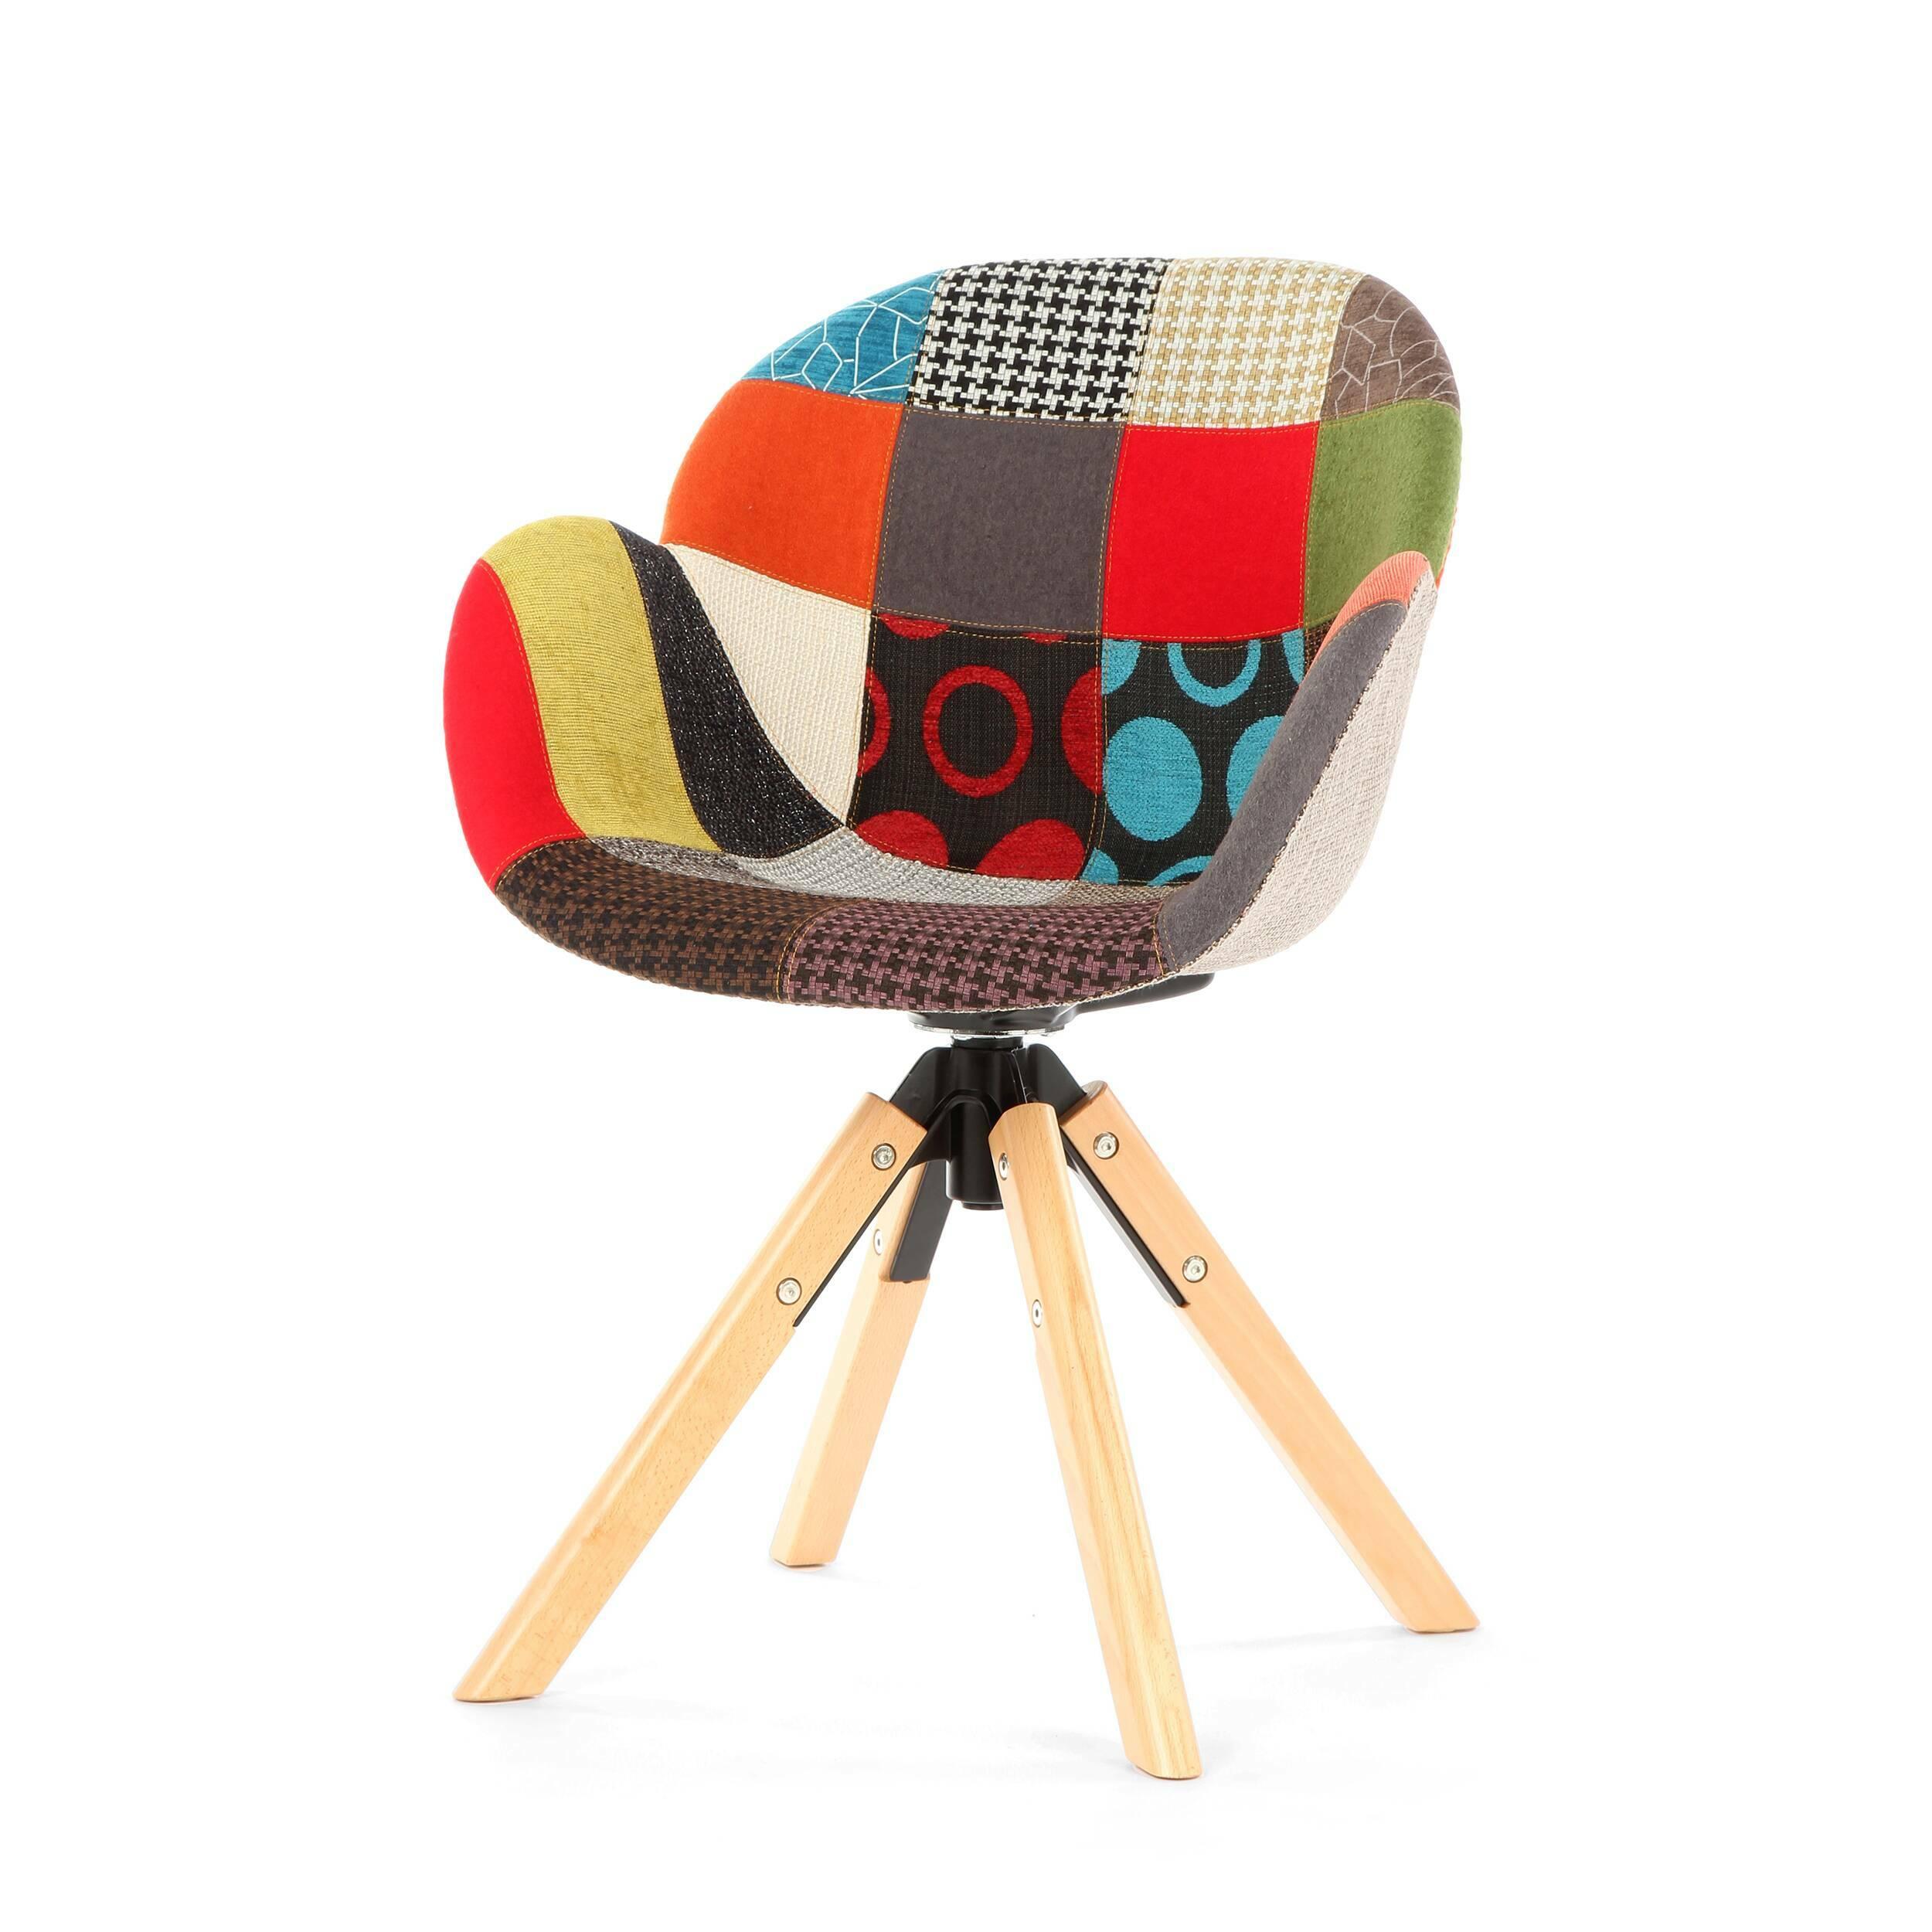 Стул PercyИнтерьерные<br>Стул Percy будет красиво и интересно смотреться в интерьере. Спинка изделия плавно переходит в сиденье, а оно — в сплошные подлокотники. Благодаря этому стул смотрится очень гармоничным и пропорциональным, в нем удобно сидеть за работой или просто отдыхать. Изделие больше напоминает собой упрощенный вариант домашнего кресла.<br><br><br> Необычная конструкция ножек поможет внести в интерьер разнообразие. Ножки изготовлены из массива бука — прочной и надежной древесины, которая очень популярна ср...<br><br>stock: 18<br>Высота: 85<br>Высота сиденья: 46<br>Ширина: 59<br>Глубина: 61<br>Цвет ножек: Светло-коричневый<br>Механизмы: Поворотная функция<br>Материал ножек: Массив бука<br>Цвет сидения: Разноцветный<br>Тип материала сидения: Ткань<br>Тип материала ножек: Дерево